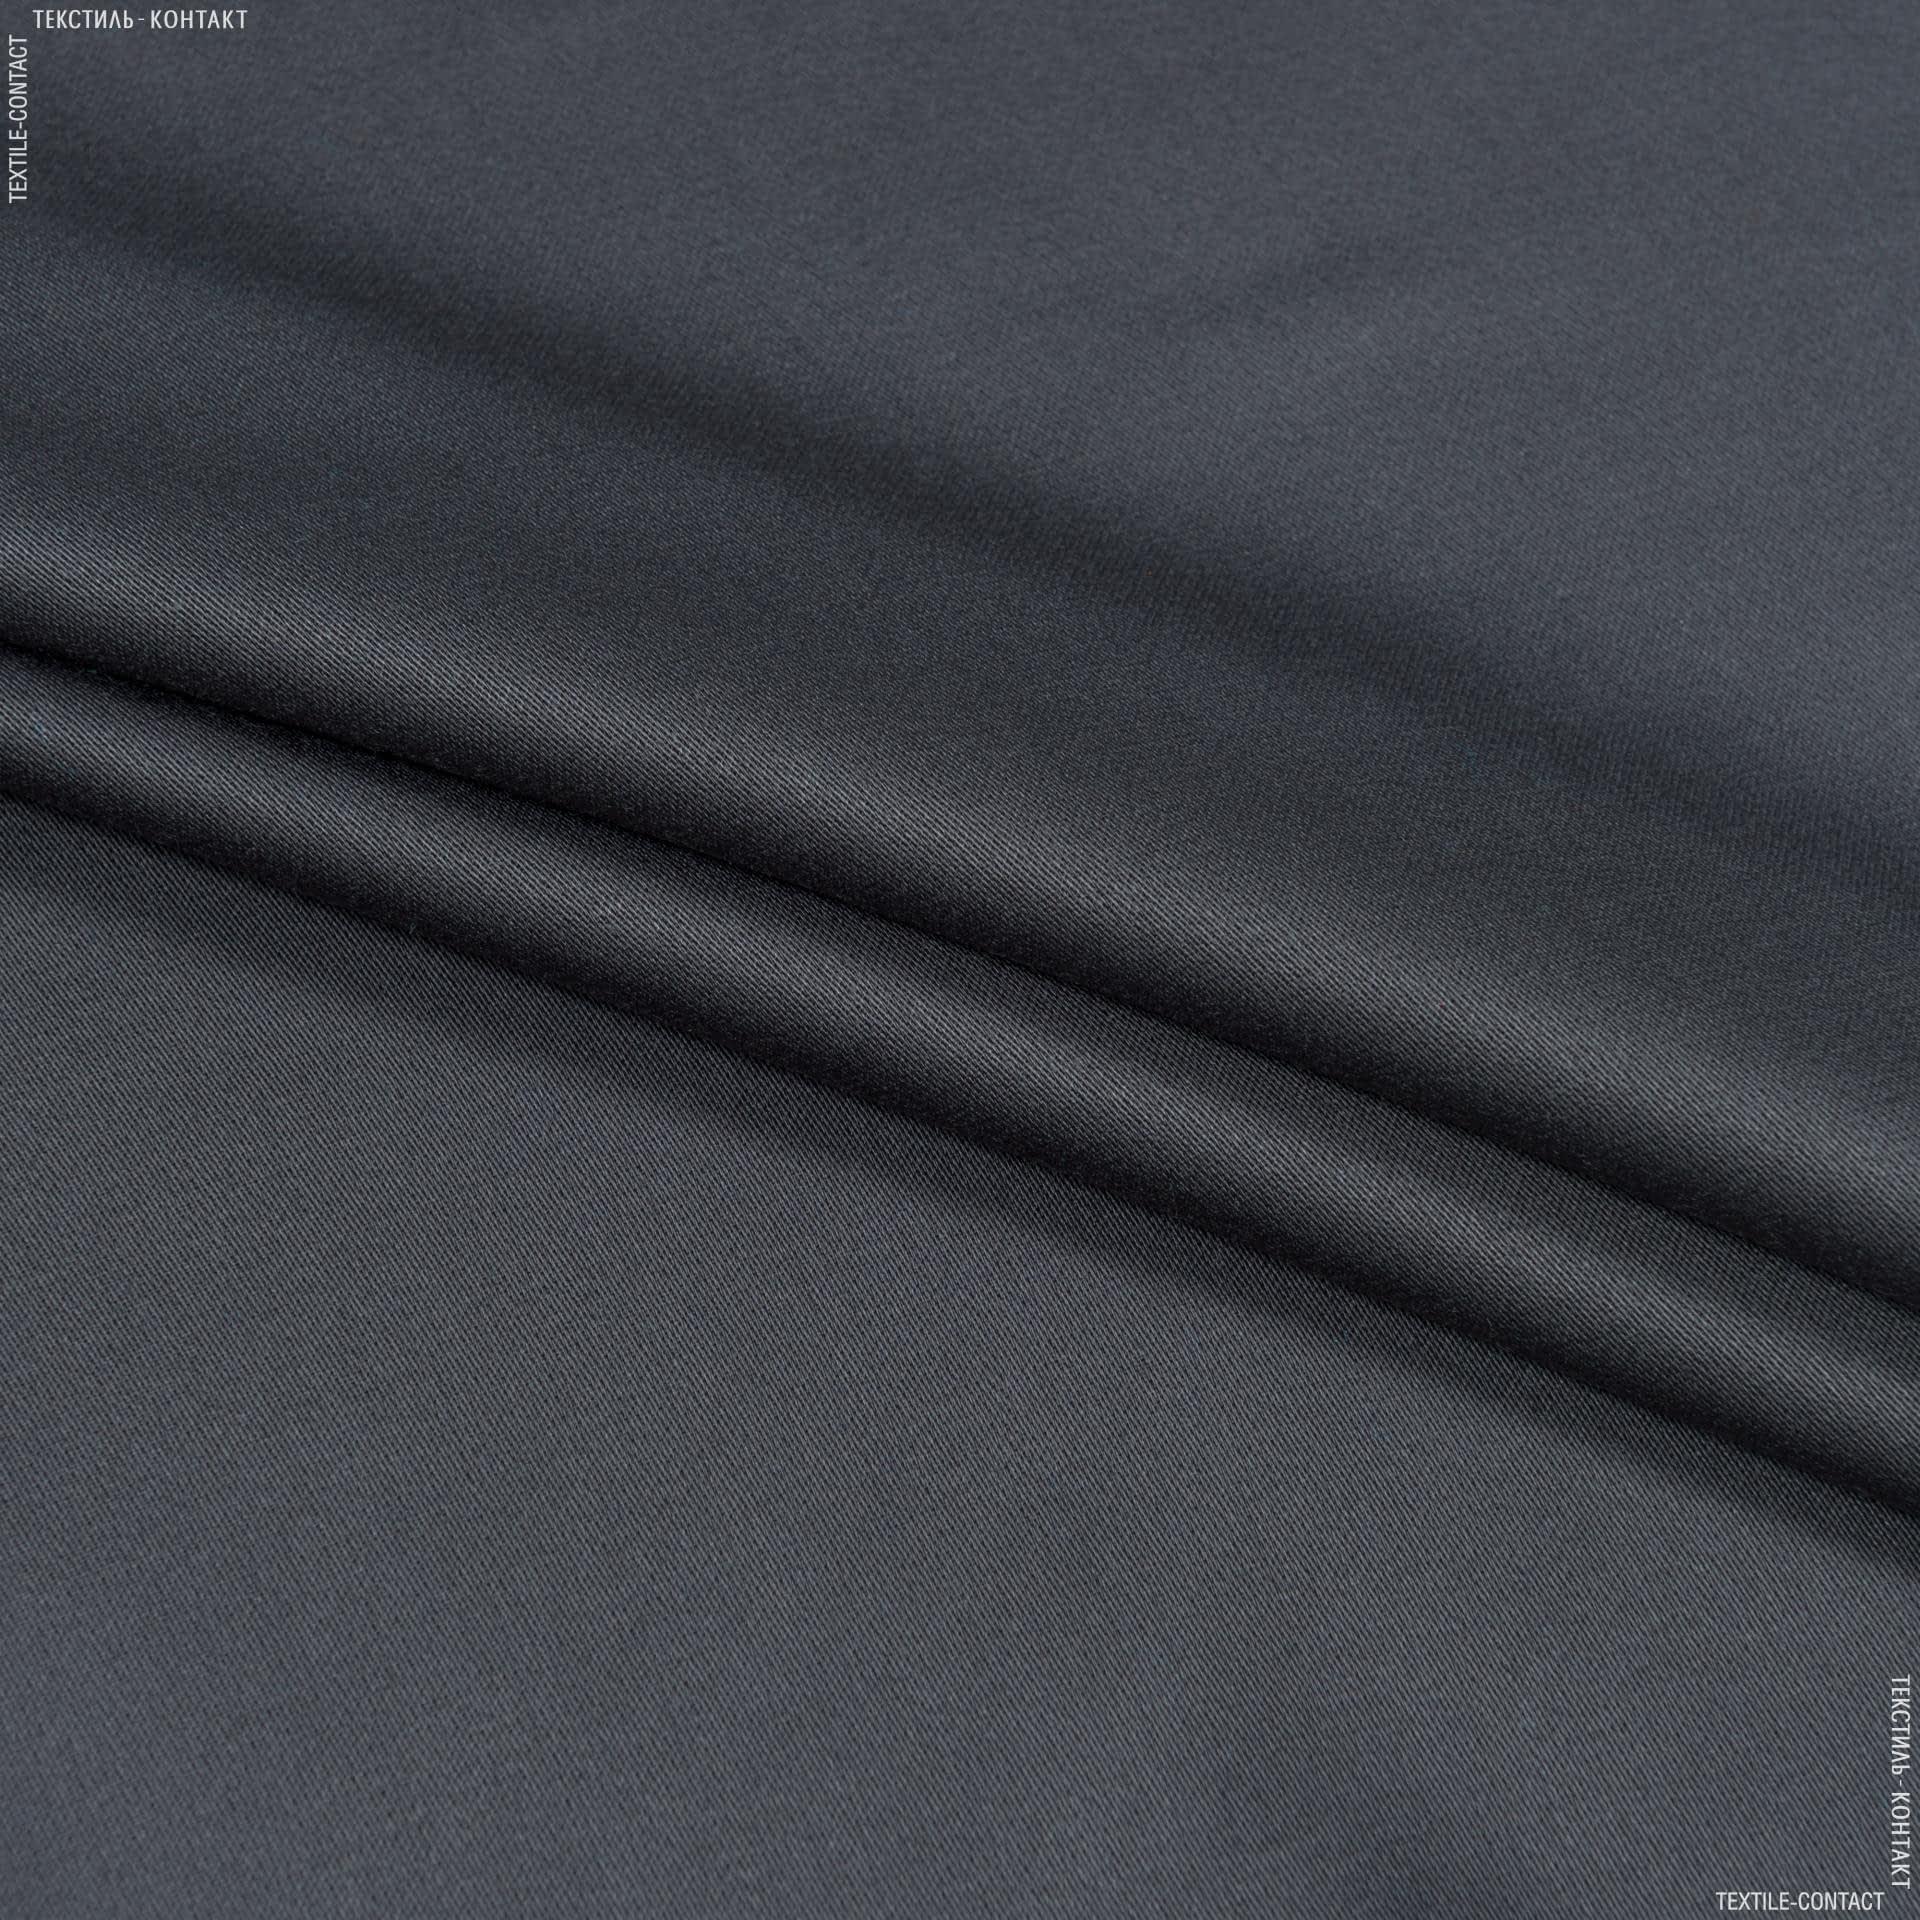 Тканини для суконь - Костюмний сатин графітово-сірий